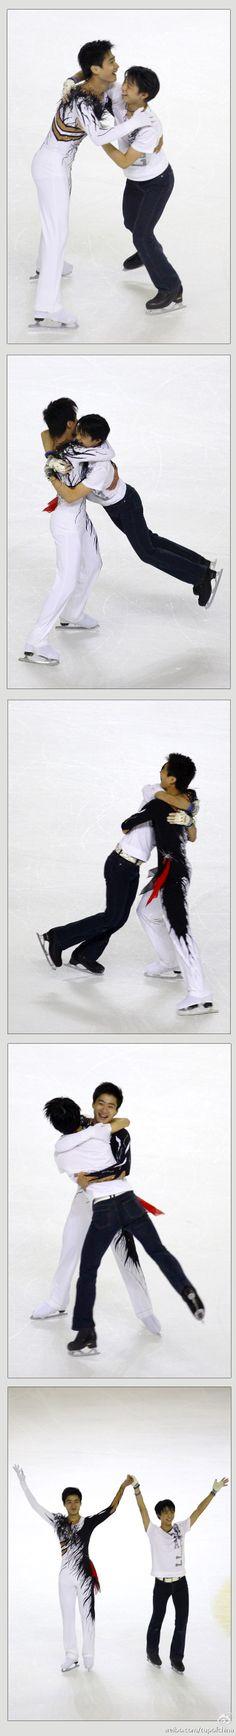 Yuzuru Hanyu and Nan song,at 2011 cup of China finale.from cup of China official weibo. Yuzuru HANYU 羽生結弦